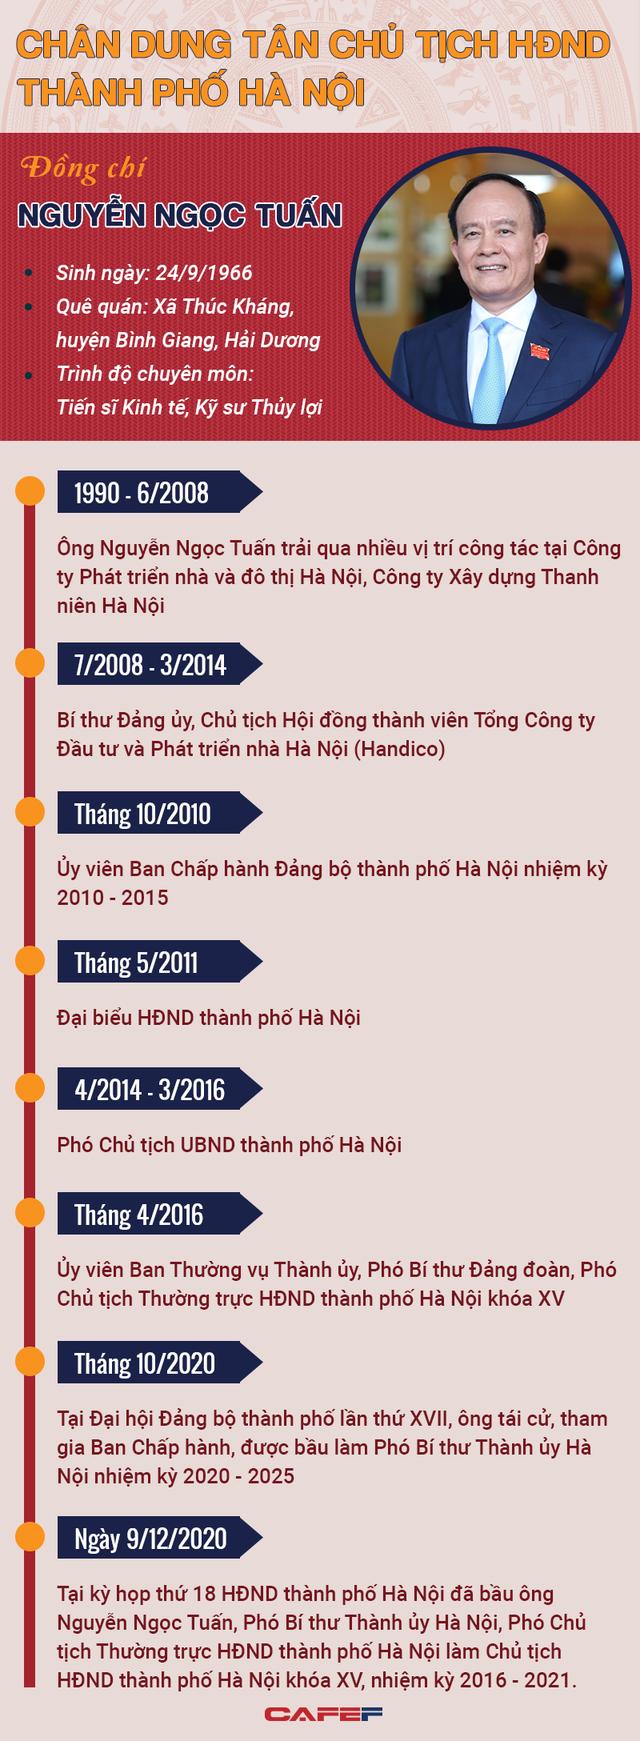 Chân dung tân Chủ tịch HĐND thành phố Hà Nội Nguyễn Ngọc Tuấn - Ảnh 1.